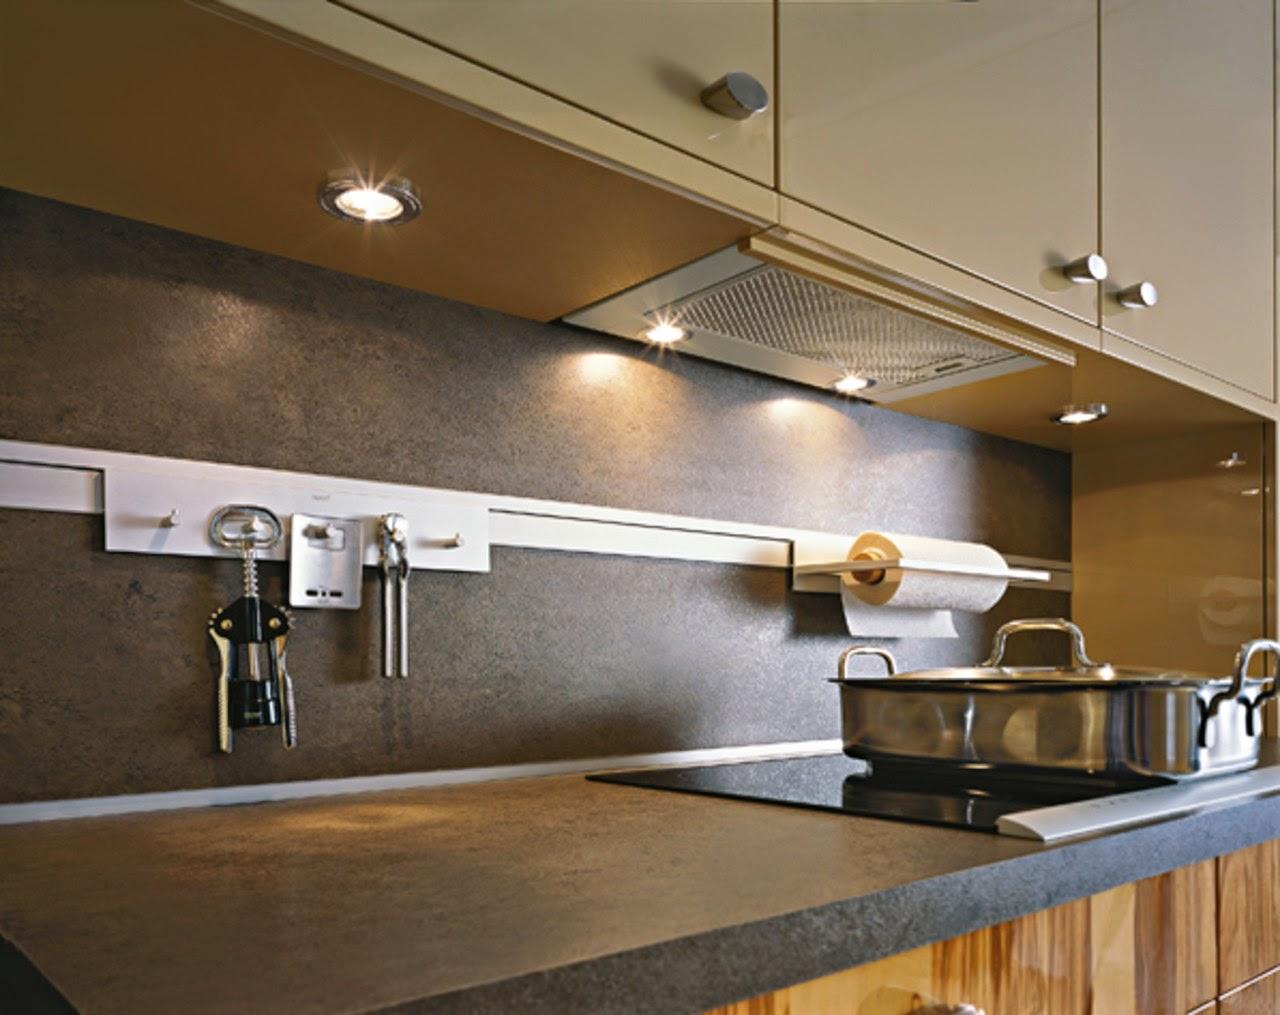 Accesorios de cocina para la pared para tener todo a mano  Cocinas con estilo